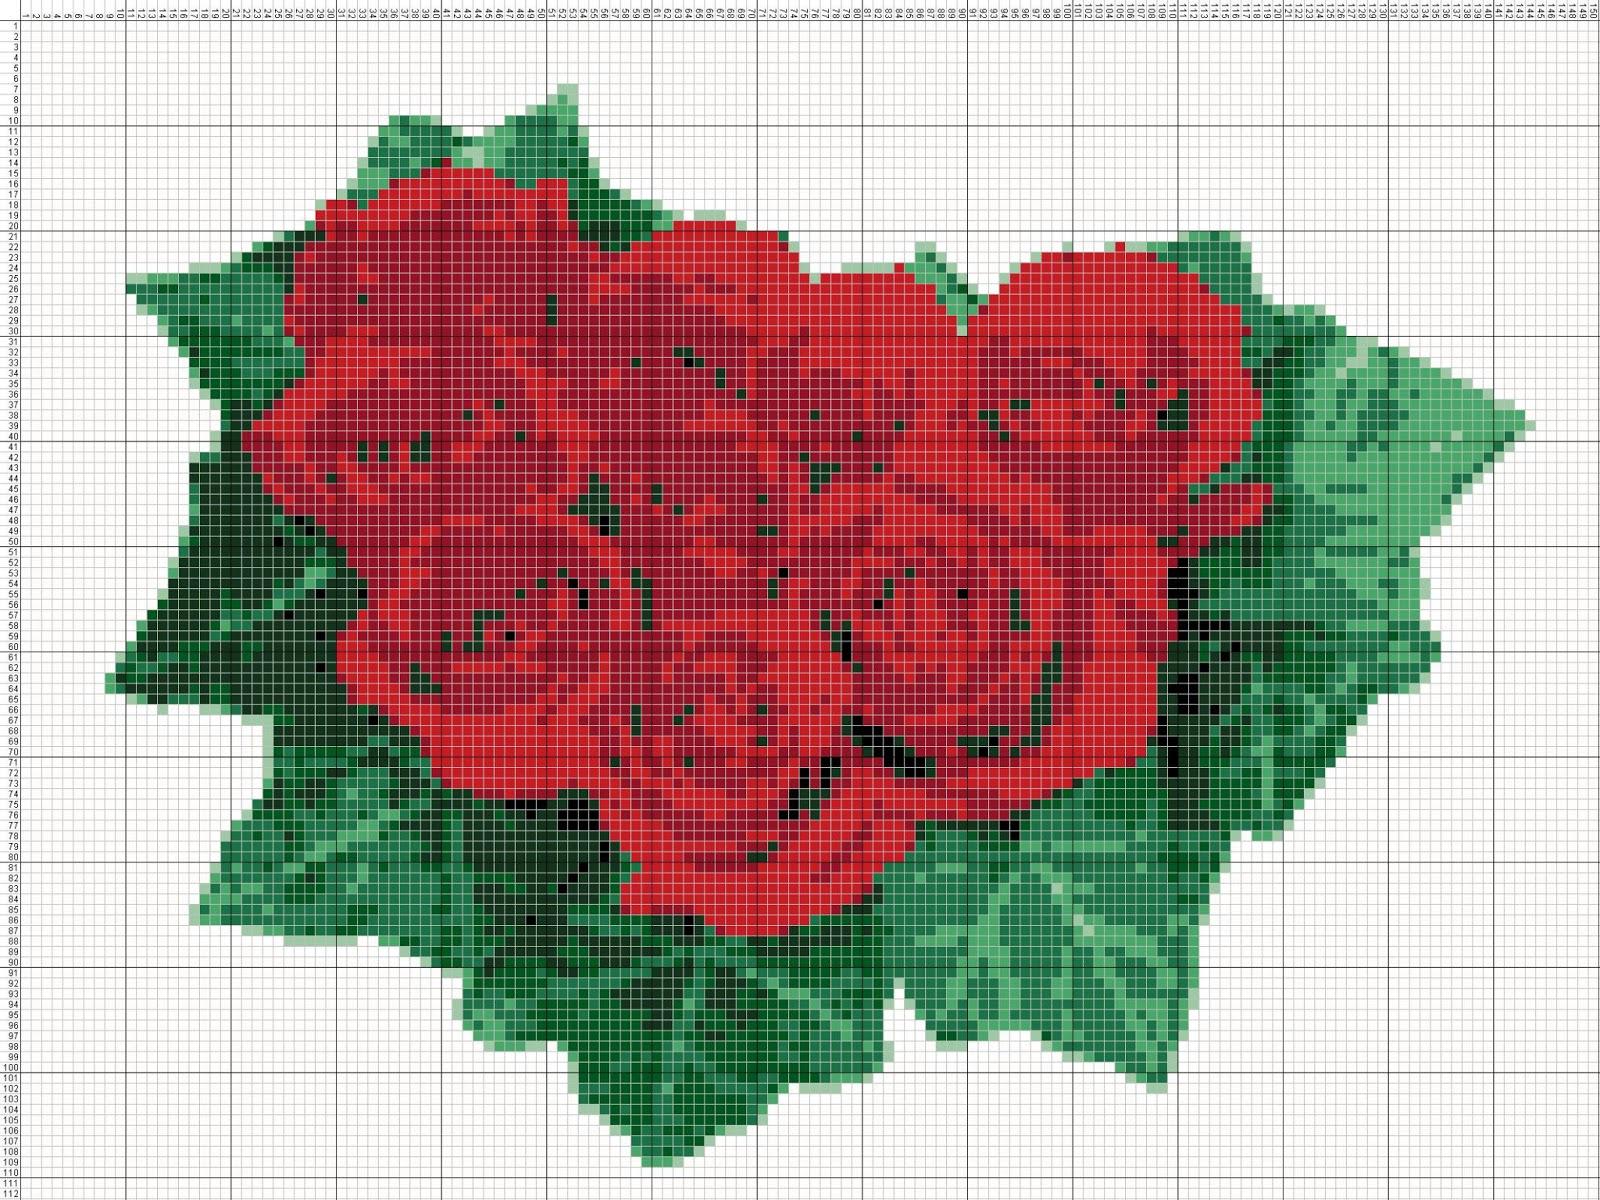 Gambar Pola Kristik Rangkaian Bunga Mawar Merah